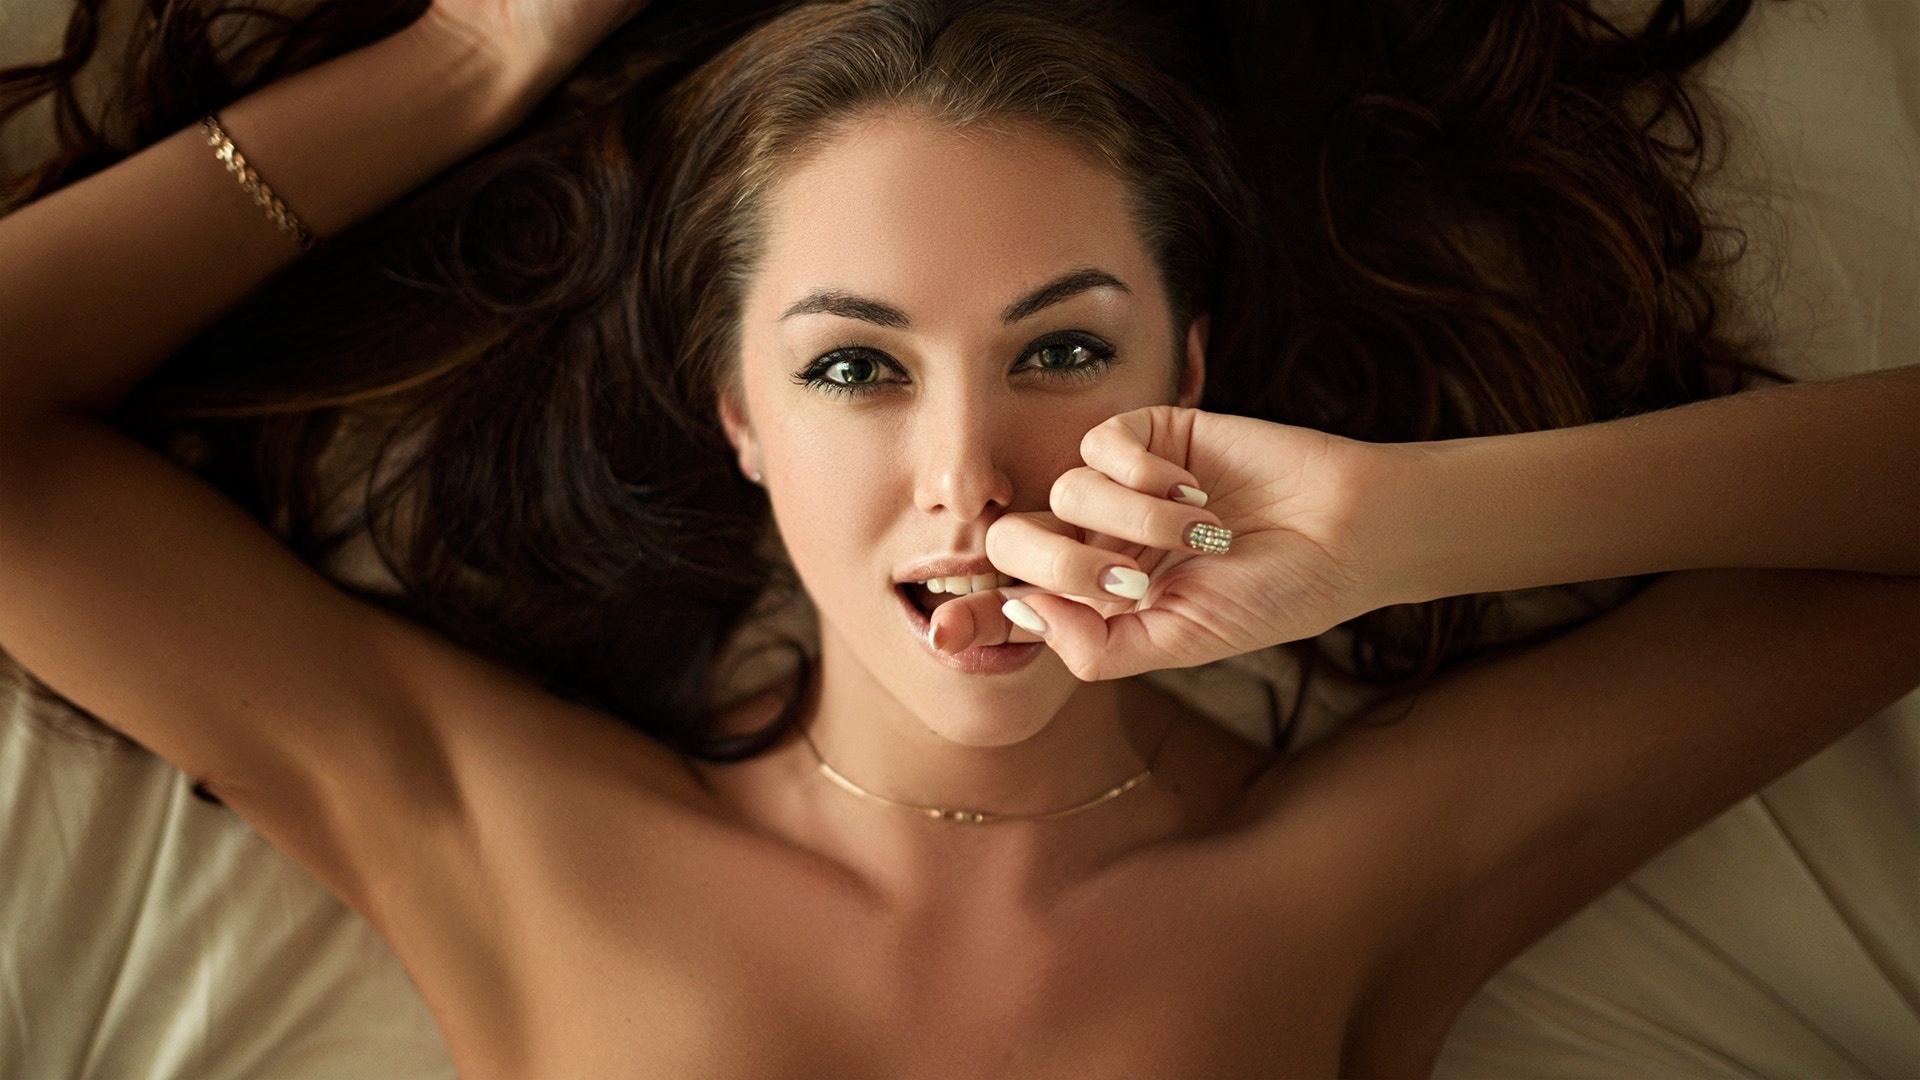 Красивая испанка сосет, ебут жену перед мужем порно